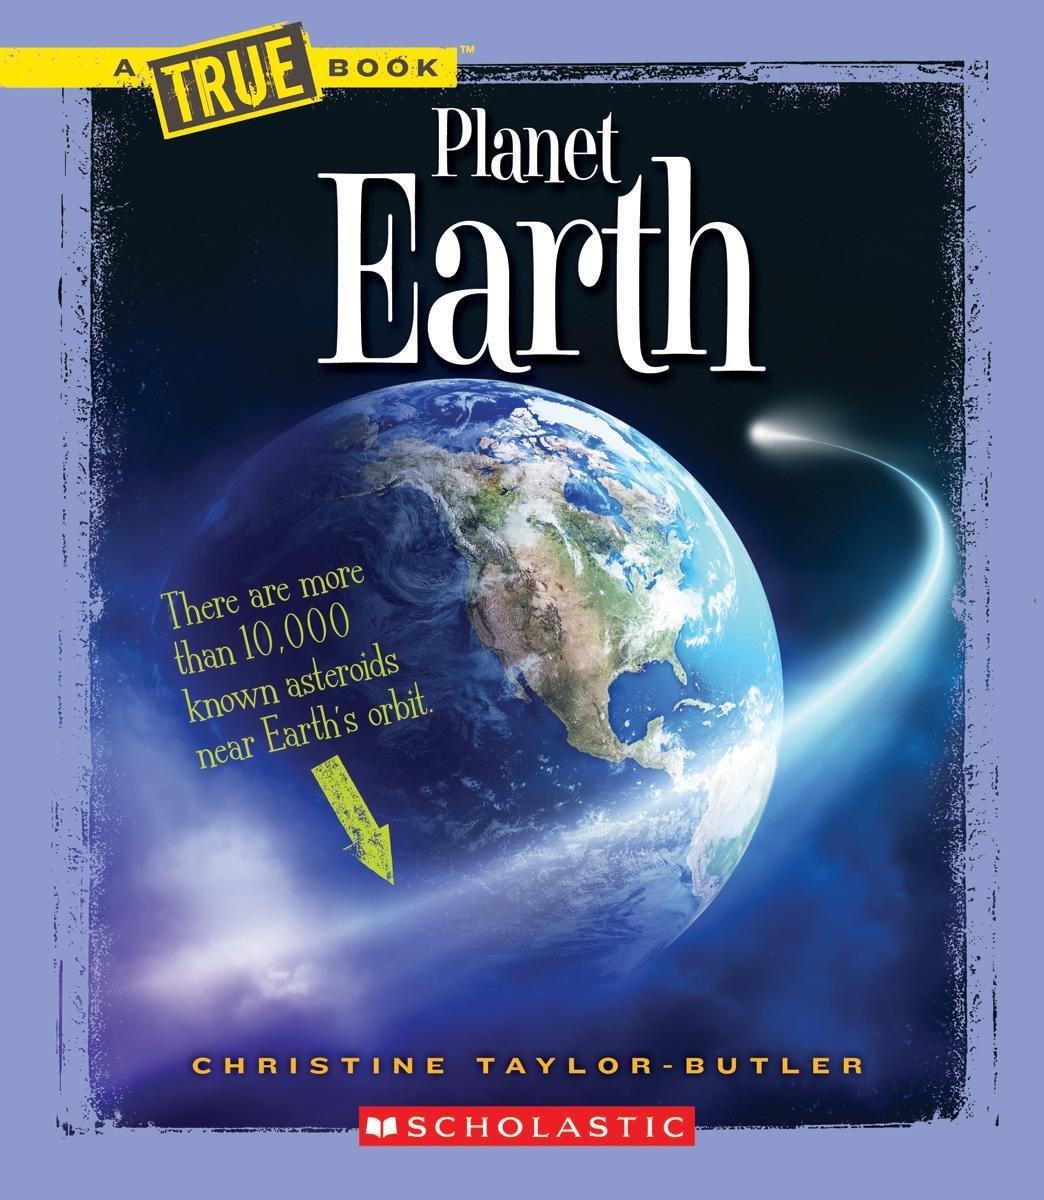 SC ZAK625709 PLANET EARTH